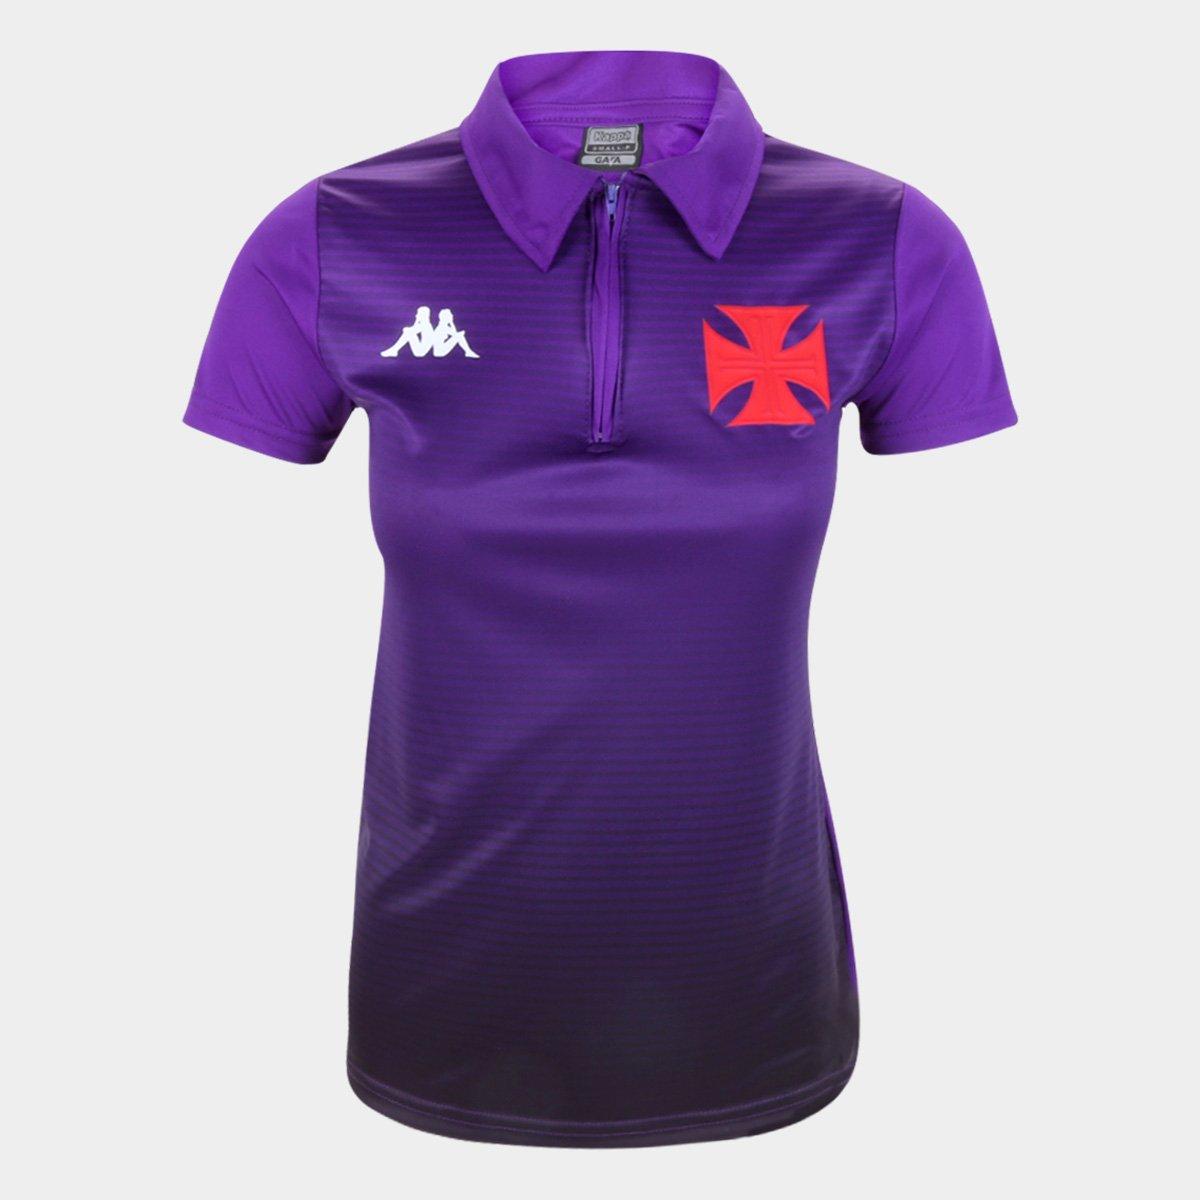 Camisa Vasco Polo Feminina Roxa - Kappa 2020